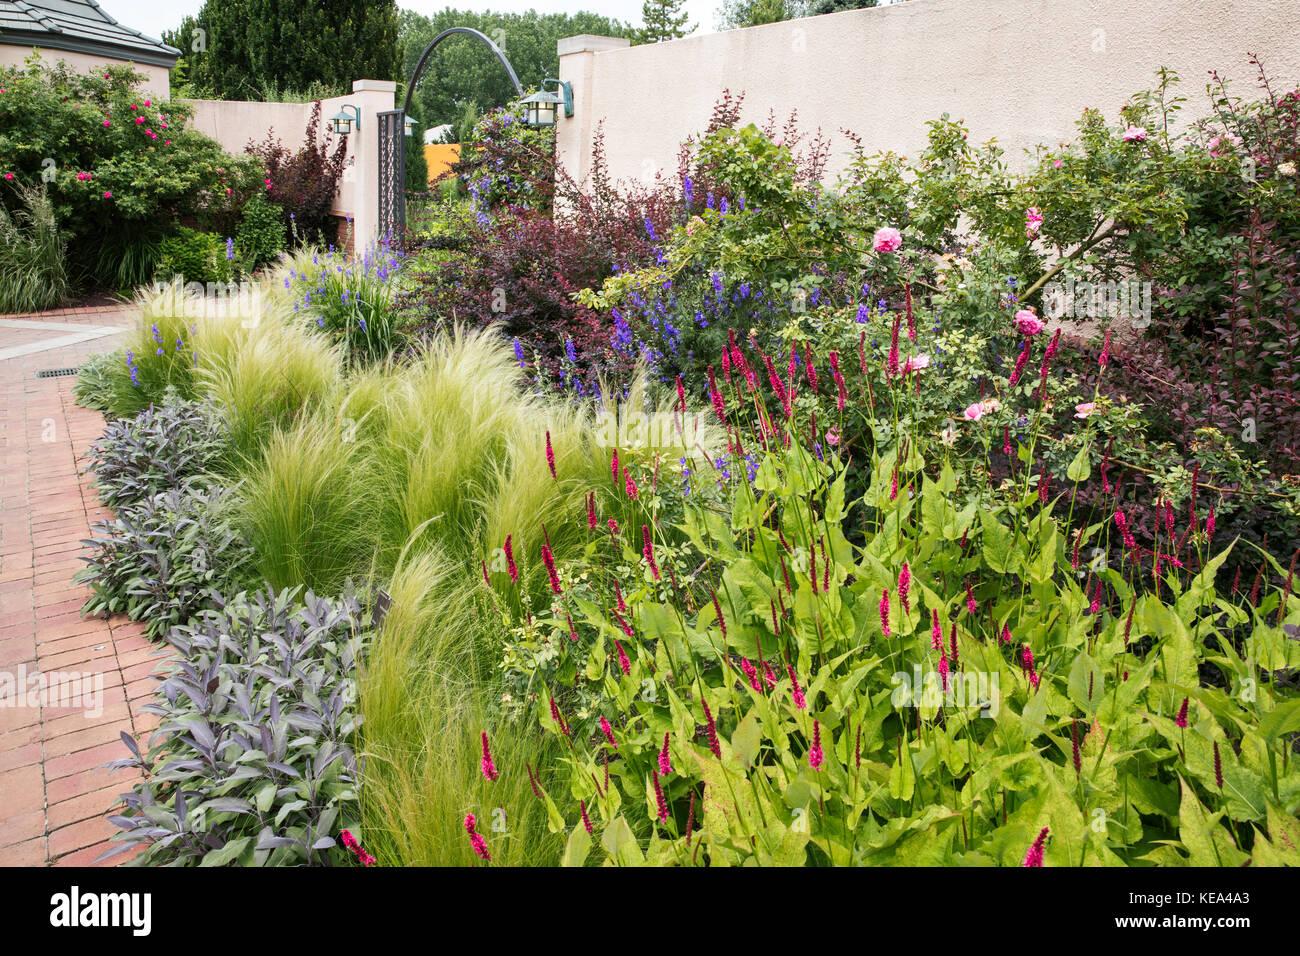 Denver Botanic Gardens, Denver, Colorado, USA - Stock Image